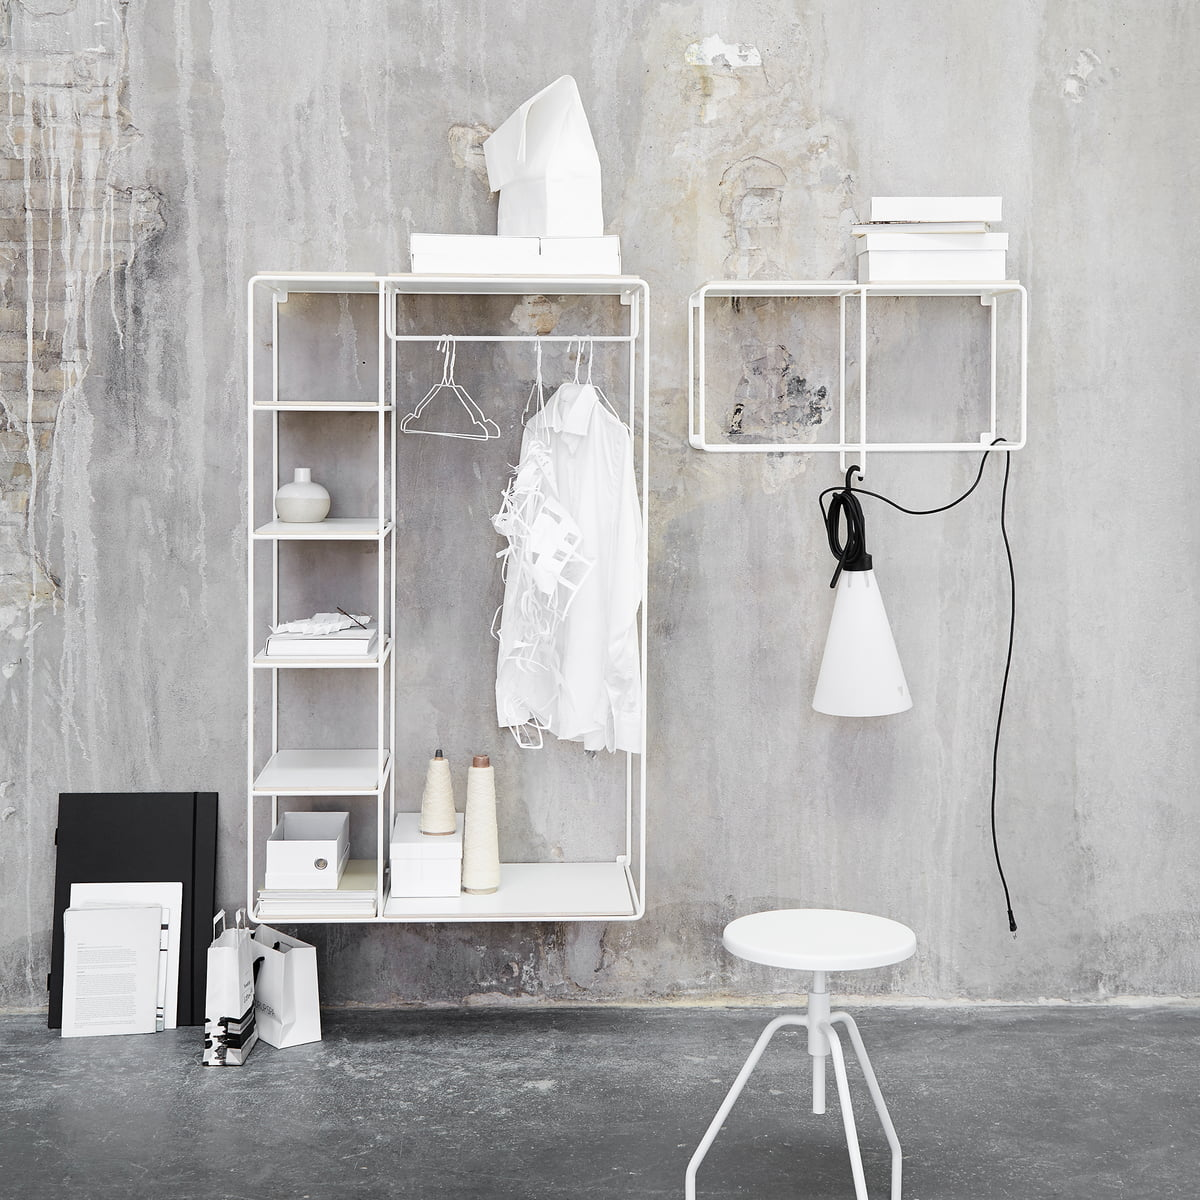 Elegant Garderobe Weiß Eiche Das Beste Von Korridor - Anywhere 1x2 Wandregal Mit